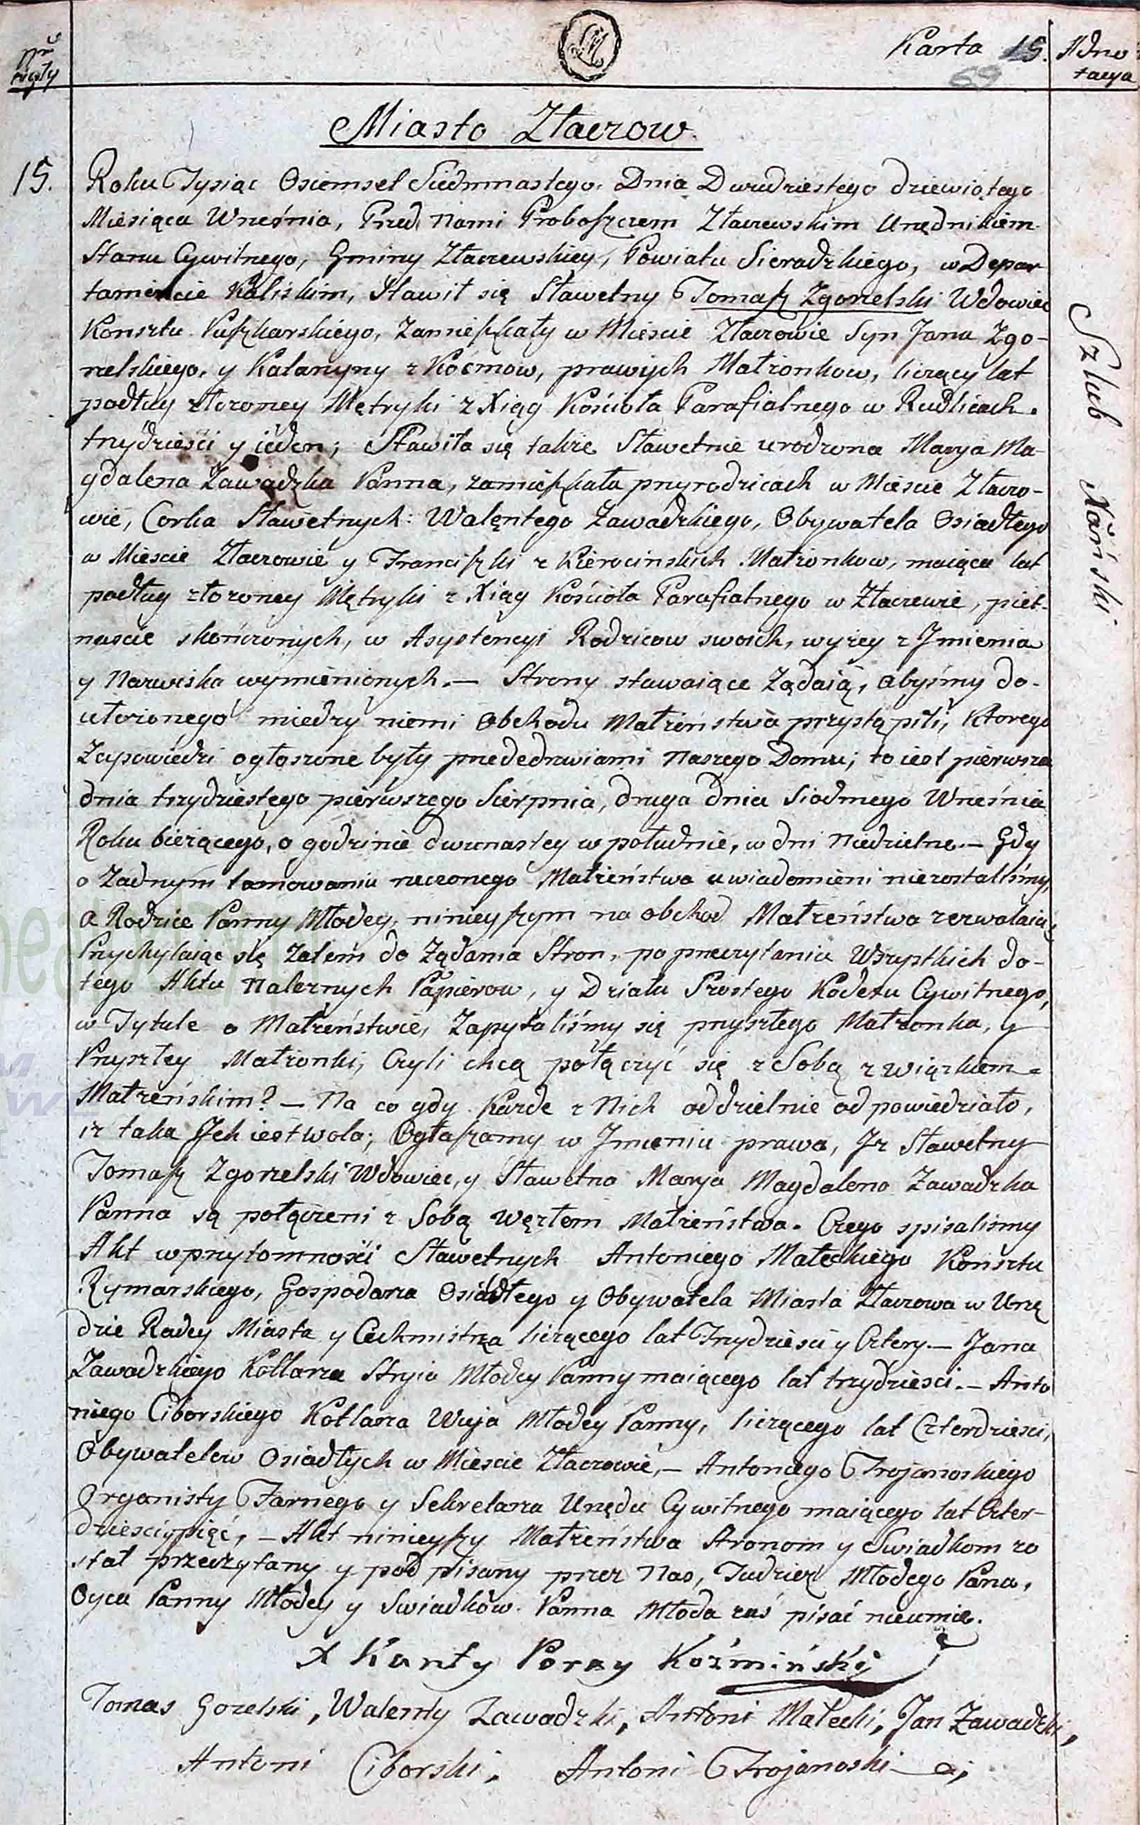 Akt stanu cywilnego małżeństwa Tomasz Zgorzelski & Marya Magdalena Zawadzka 29.09.1817 r.